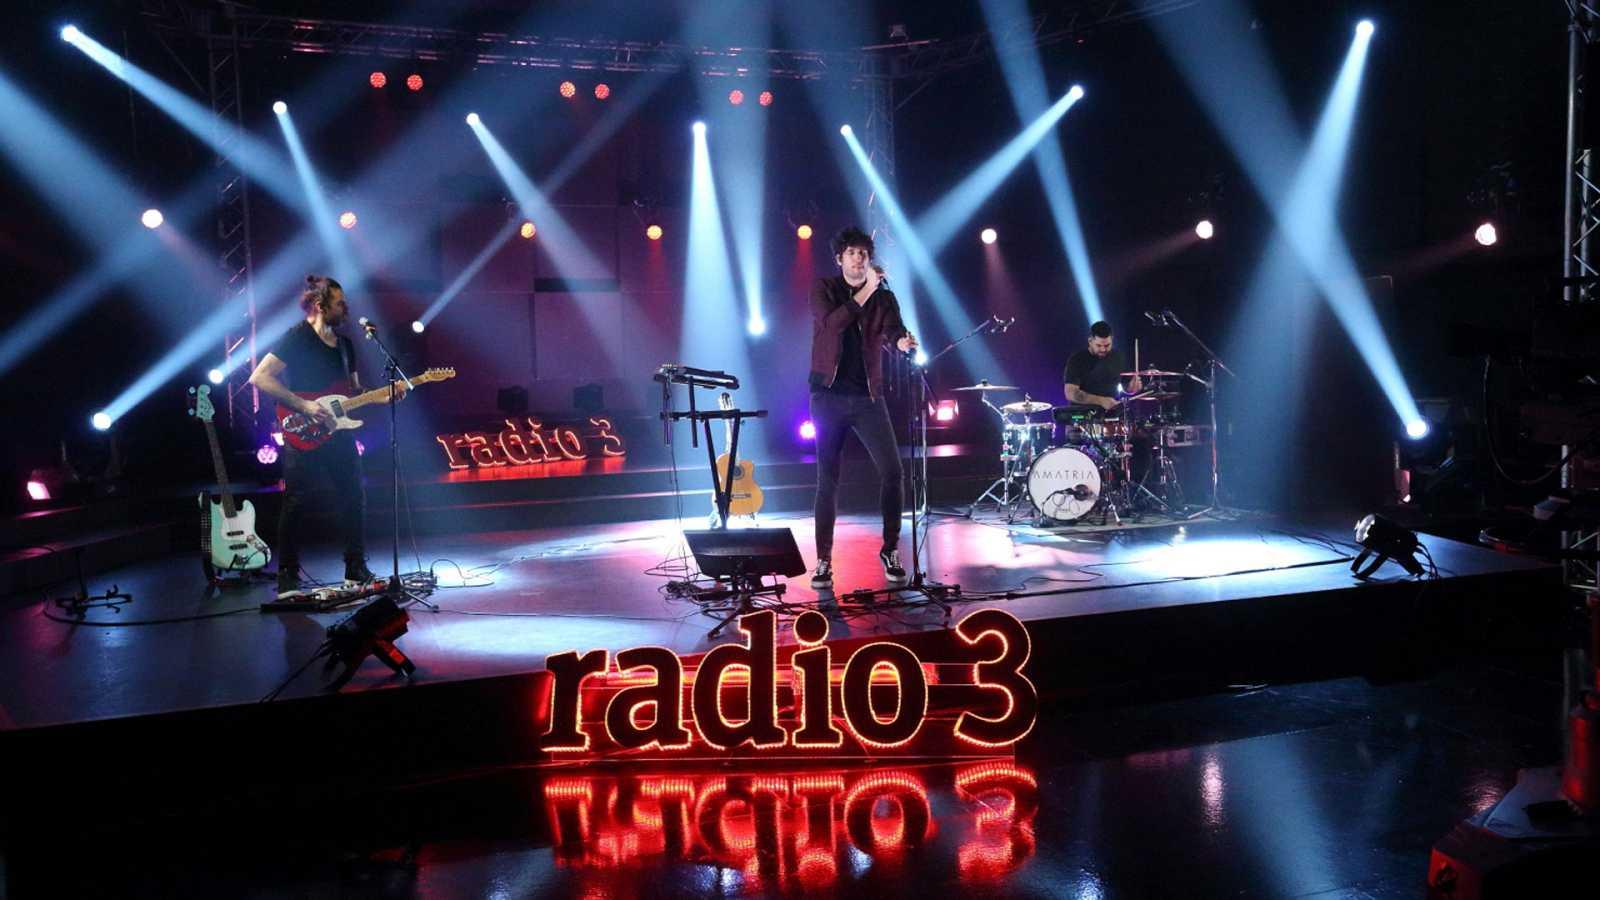 Los conciertos de Radio 3 - Amatria - ver ahora